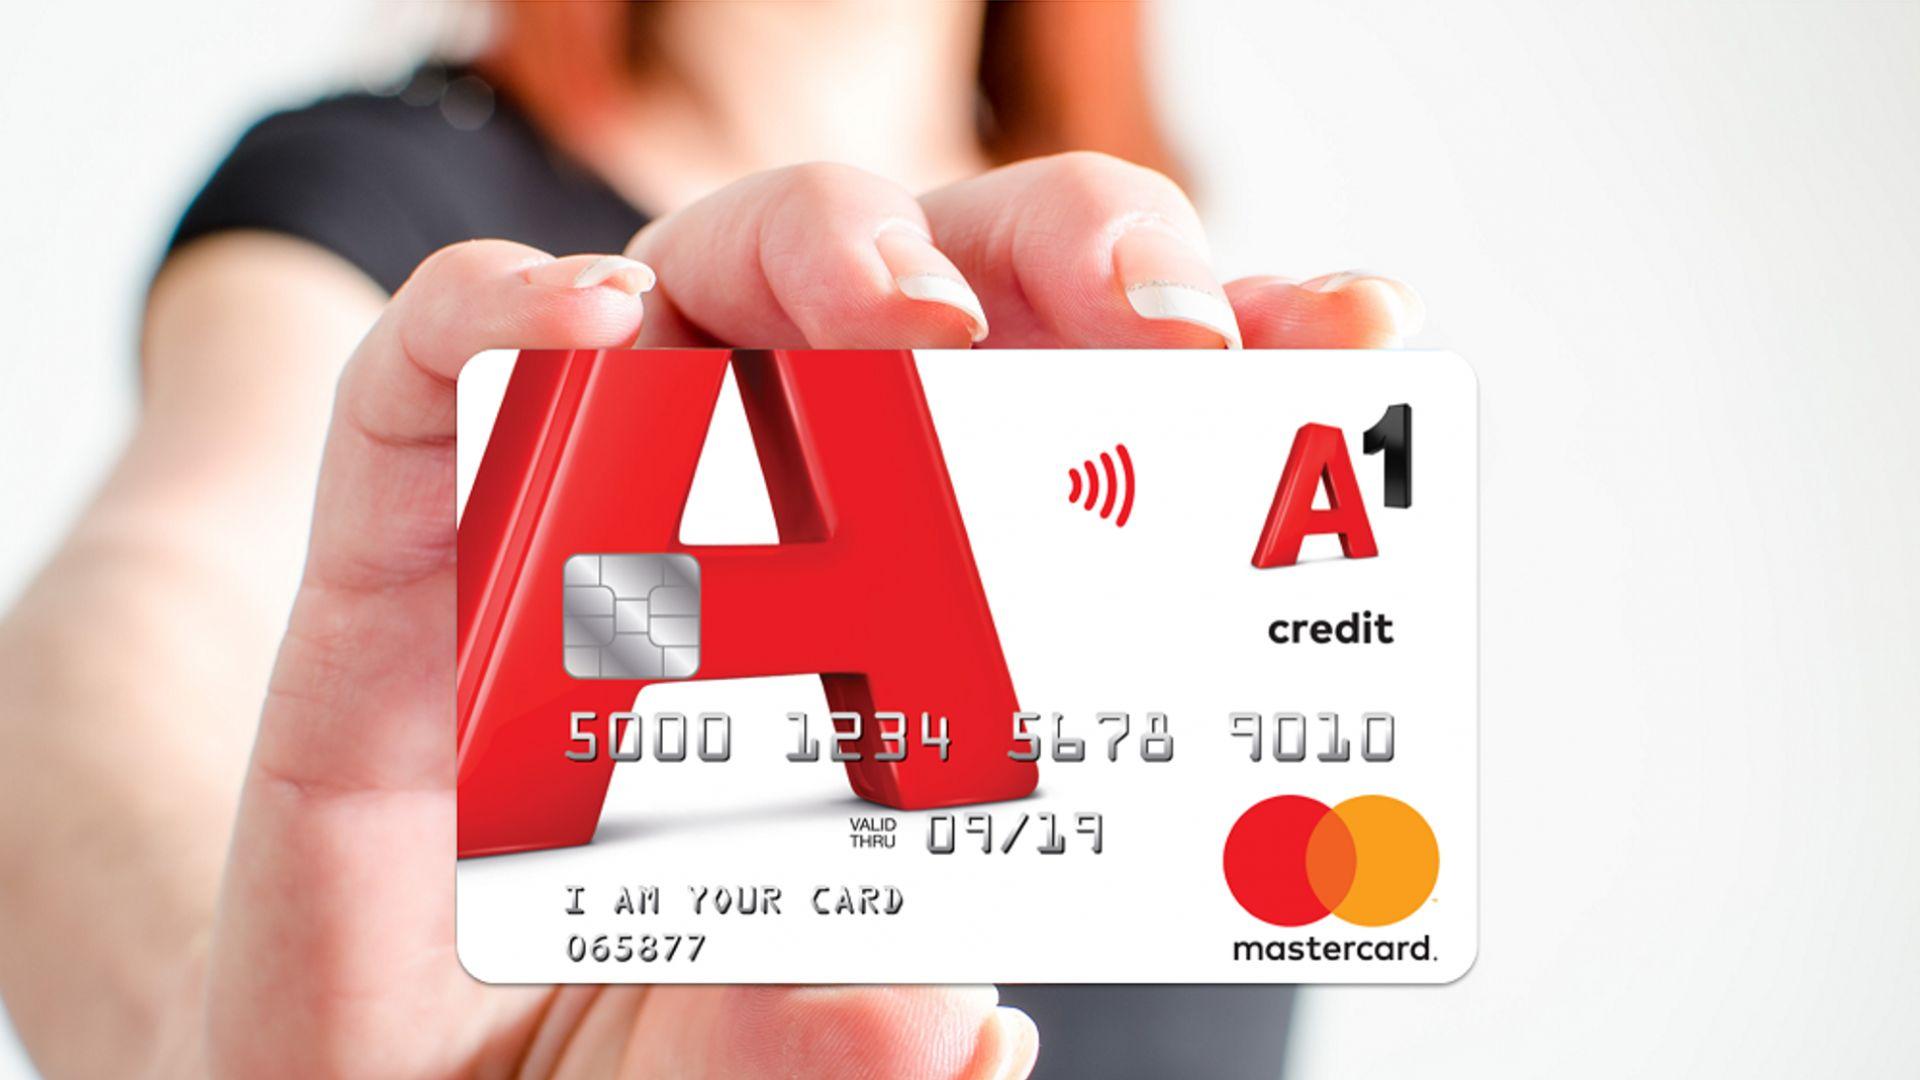 А1 е първият телеком в България, който предлага финансовите услуги дигитален портфейл и кредитна карта